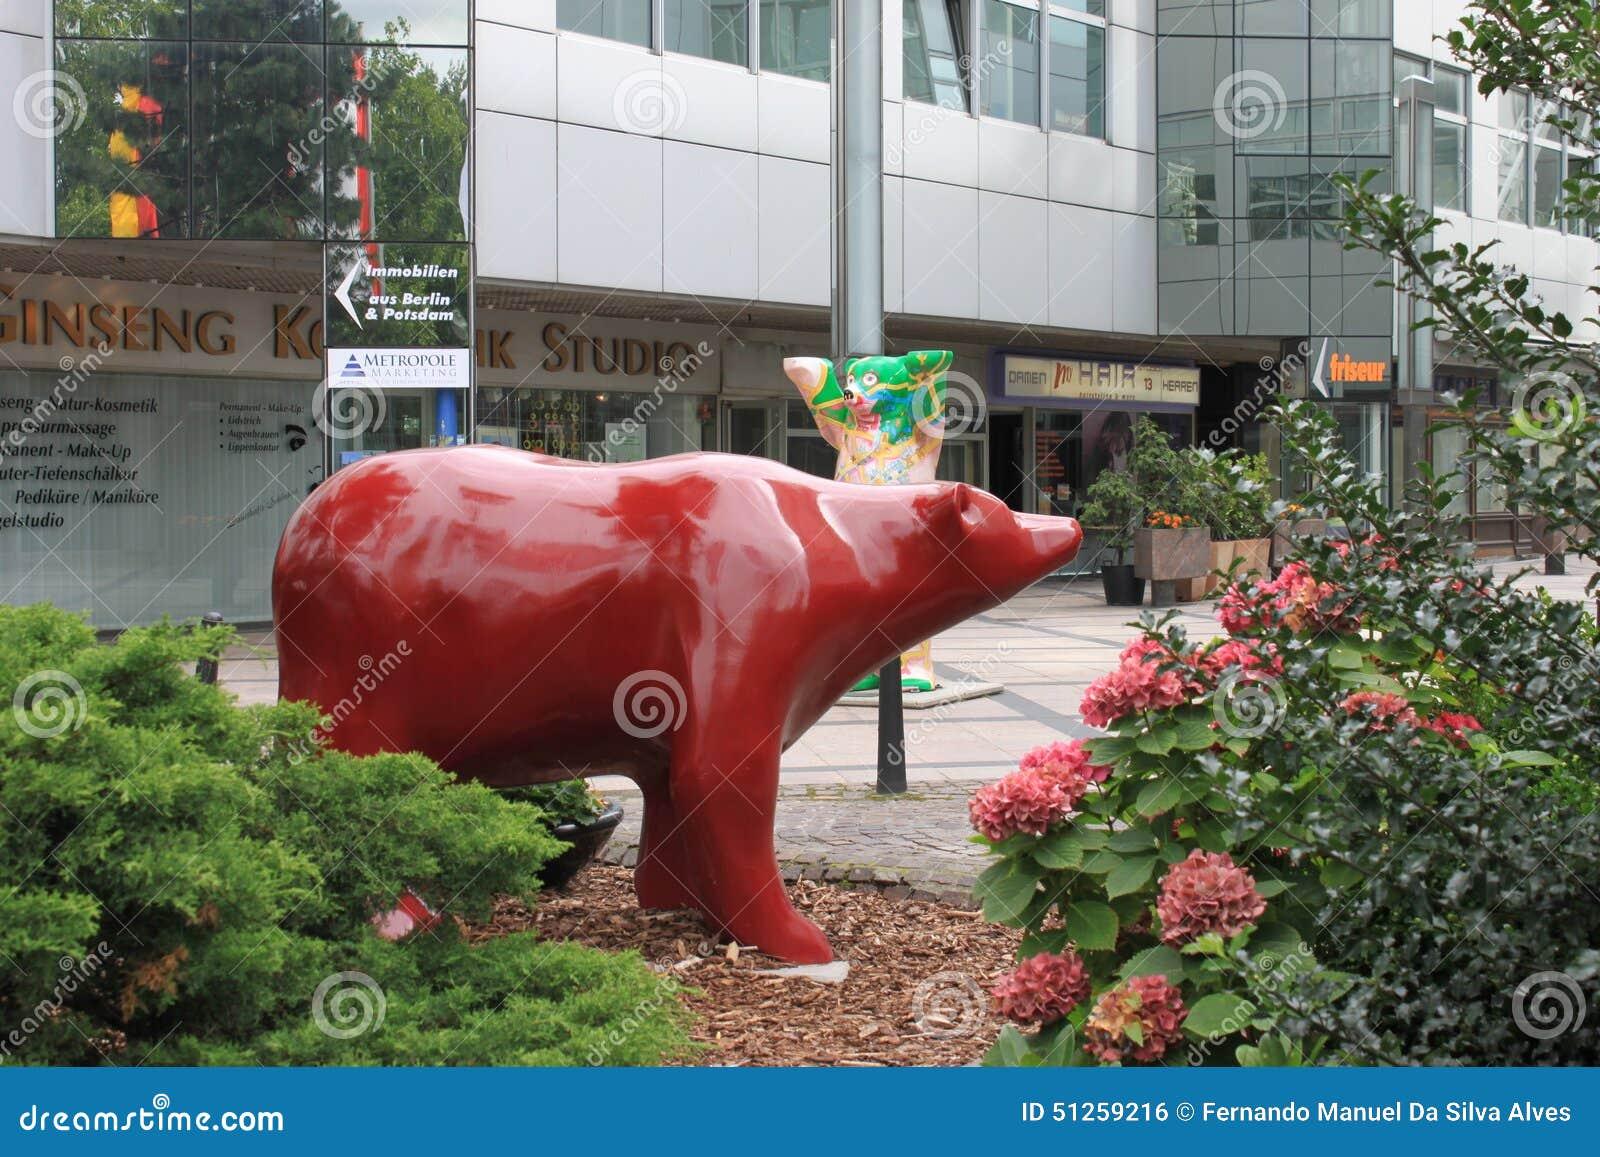 Bear of Berlin - Germany